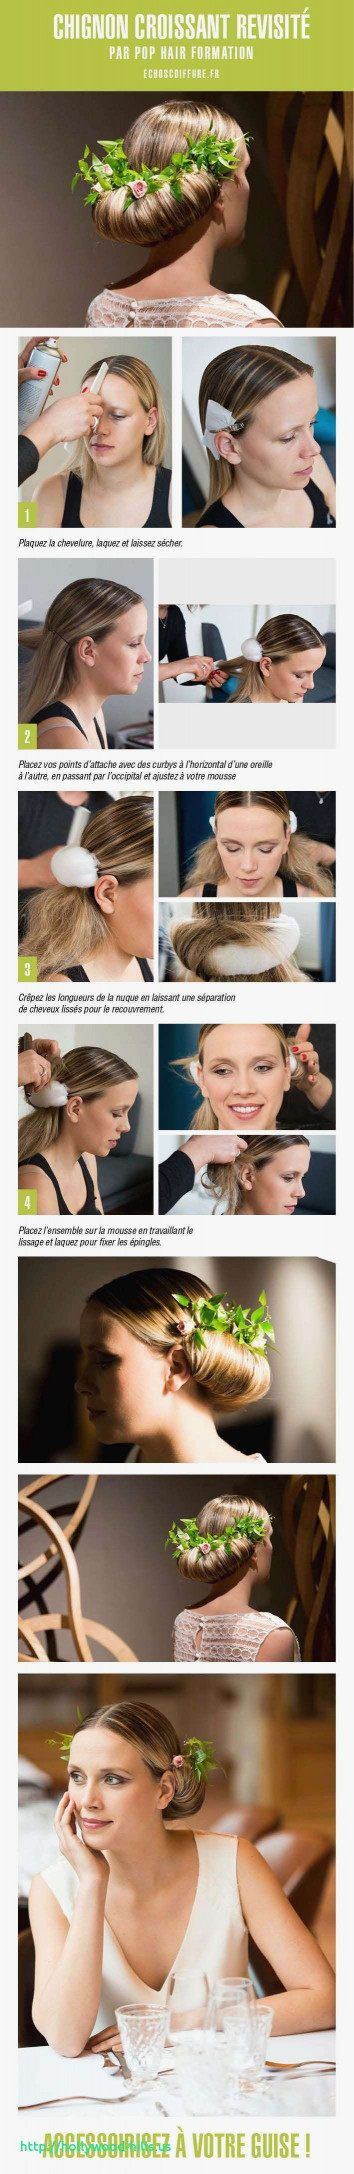 Punaise De Lit Dans Les Cheveux Magnifique Application Changer Couleur Cheveux Cosmopolitan France Dans L App